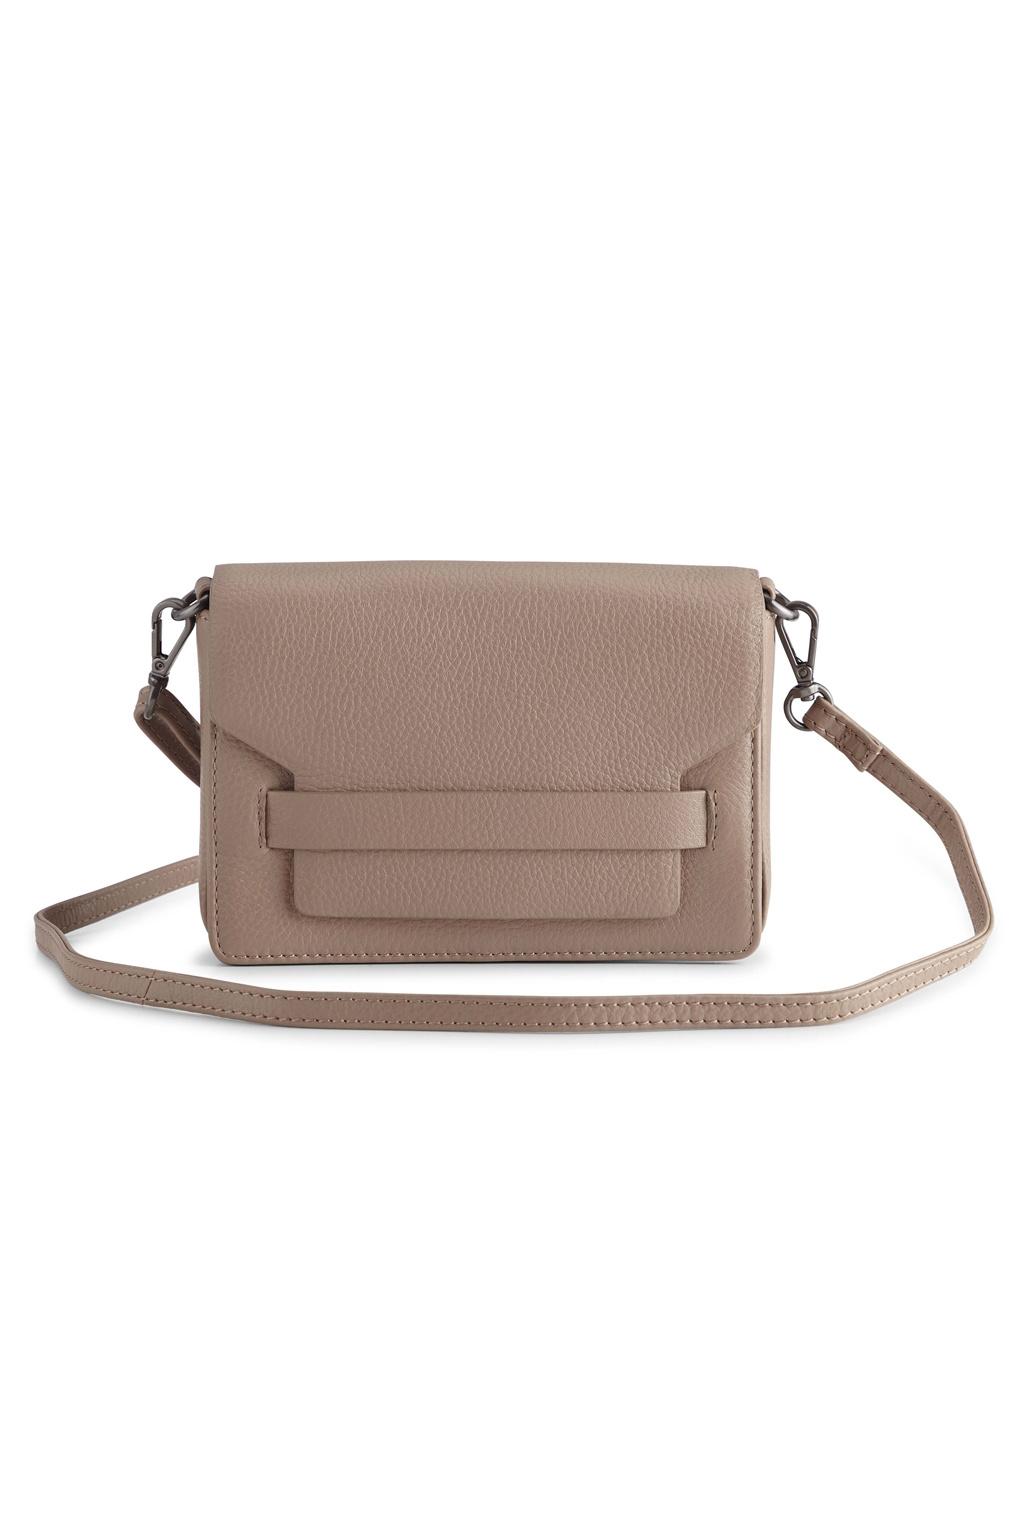 Vanya Crossbody Bag Grain - Latte-1